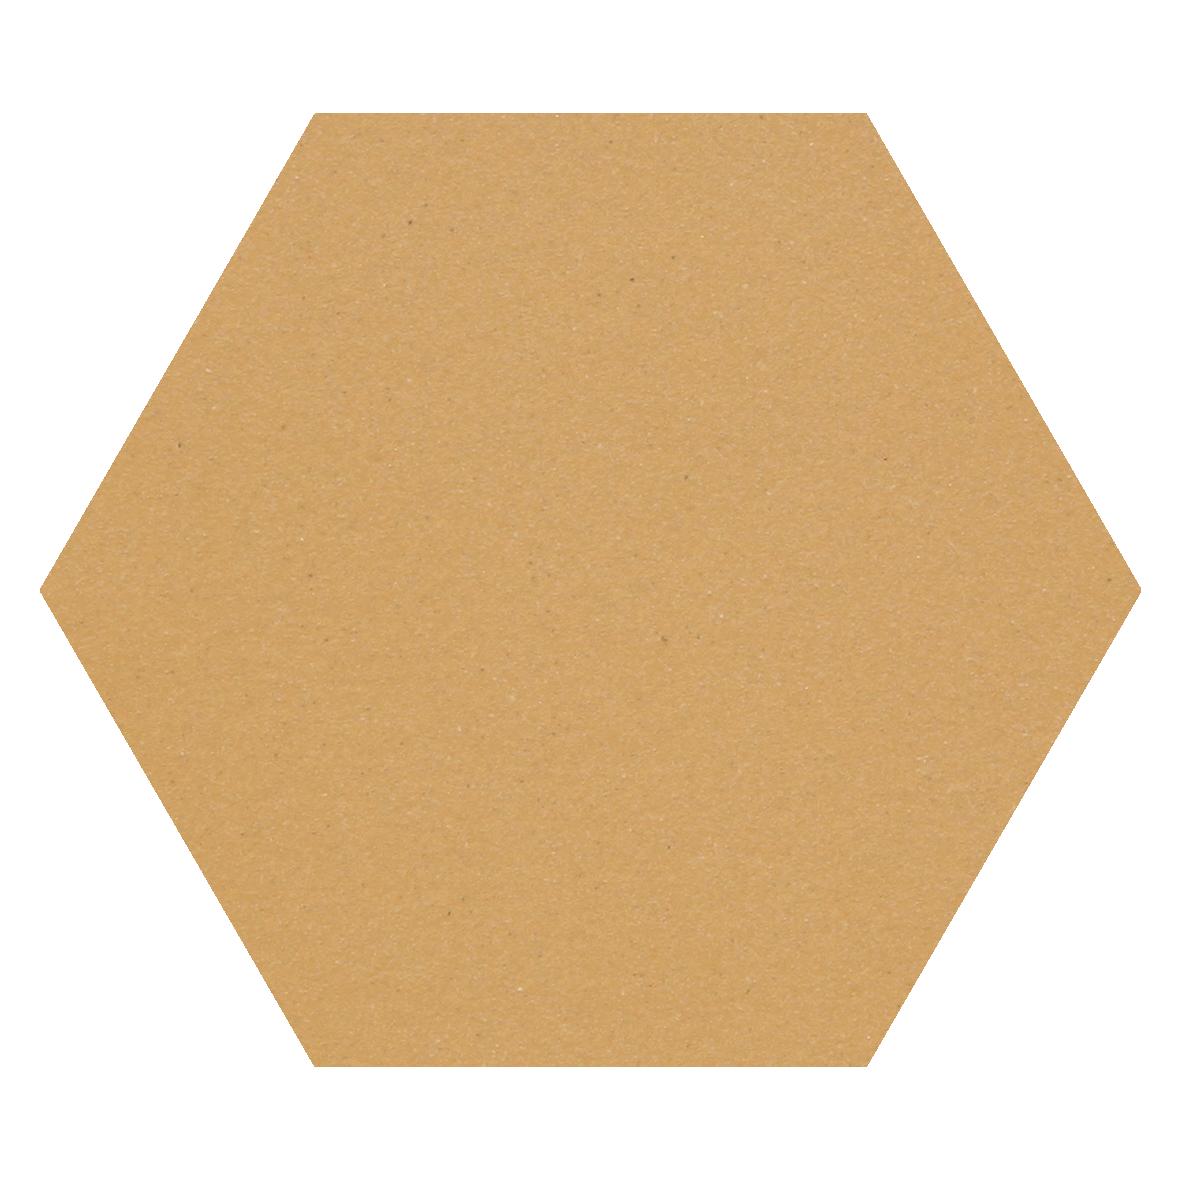 L4421HEX/1C, Natura, Oranssi, lattia,pakkasenkesto,uimahalli,design_from_finland